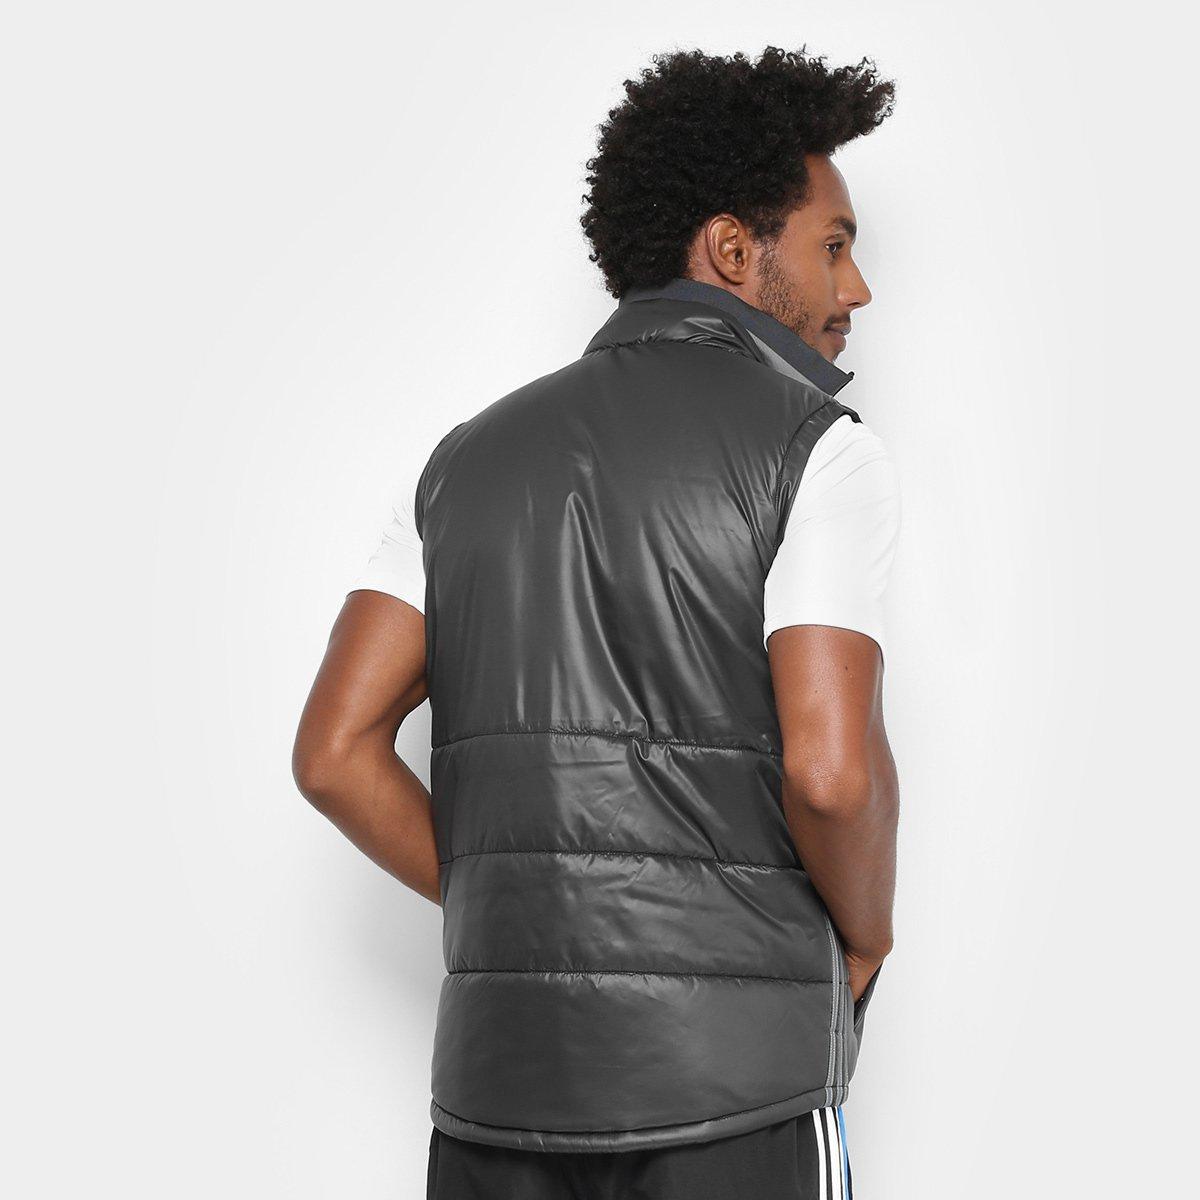 98a280c909 Colete Adidas Inverno Condivo 16 Masculino - Compre Agora